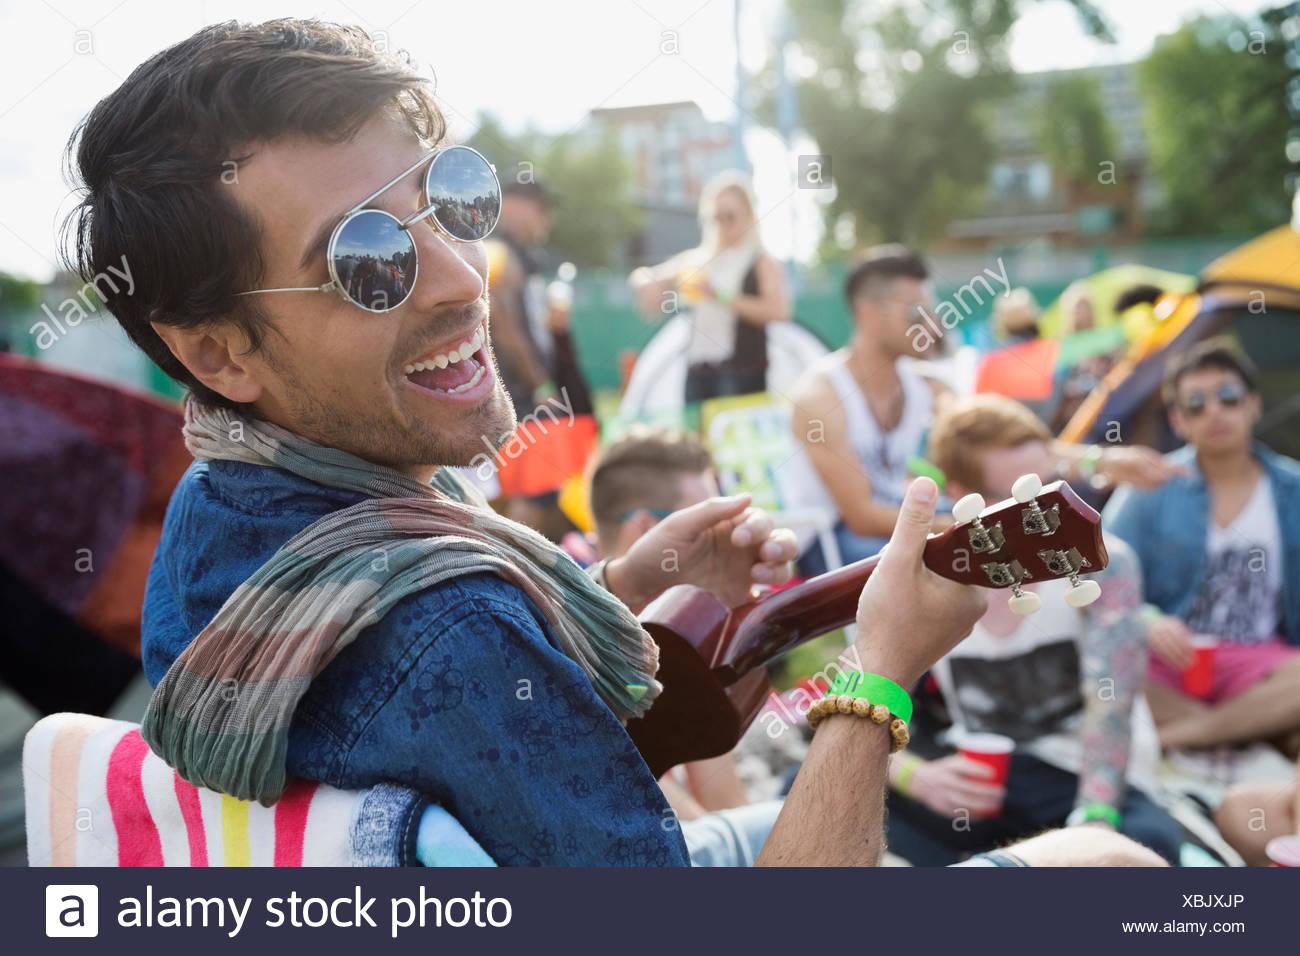 Ritratto di giovane entusiasta uomo giocando ukulele al festival musicale estivo Campeggio Immagini Stock